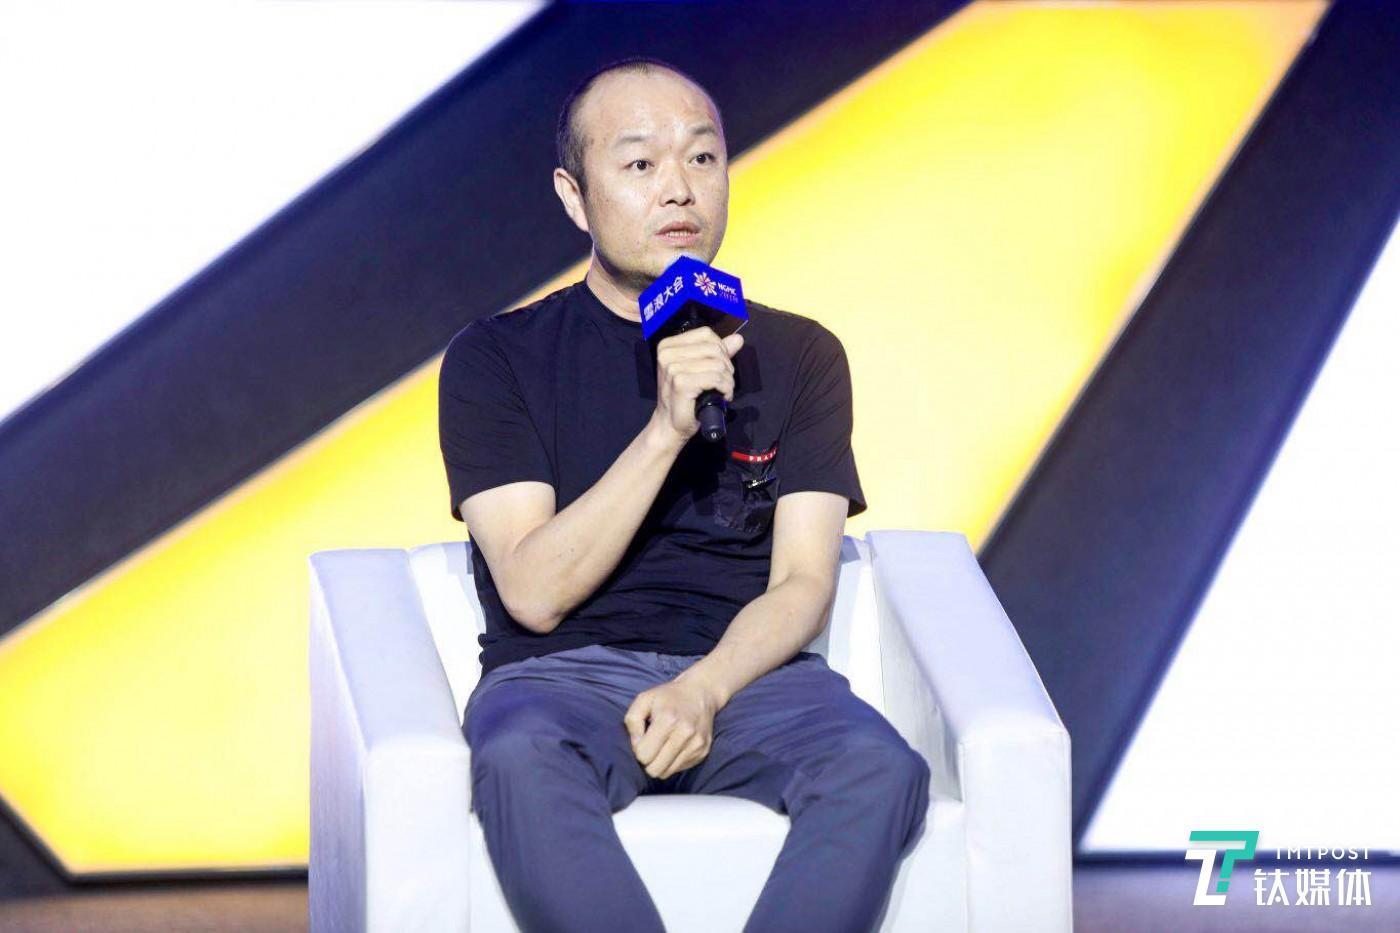 银杏谷资本创始人兼总裁陈向明